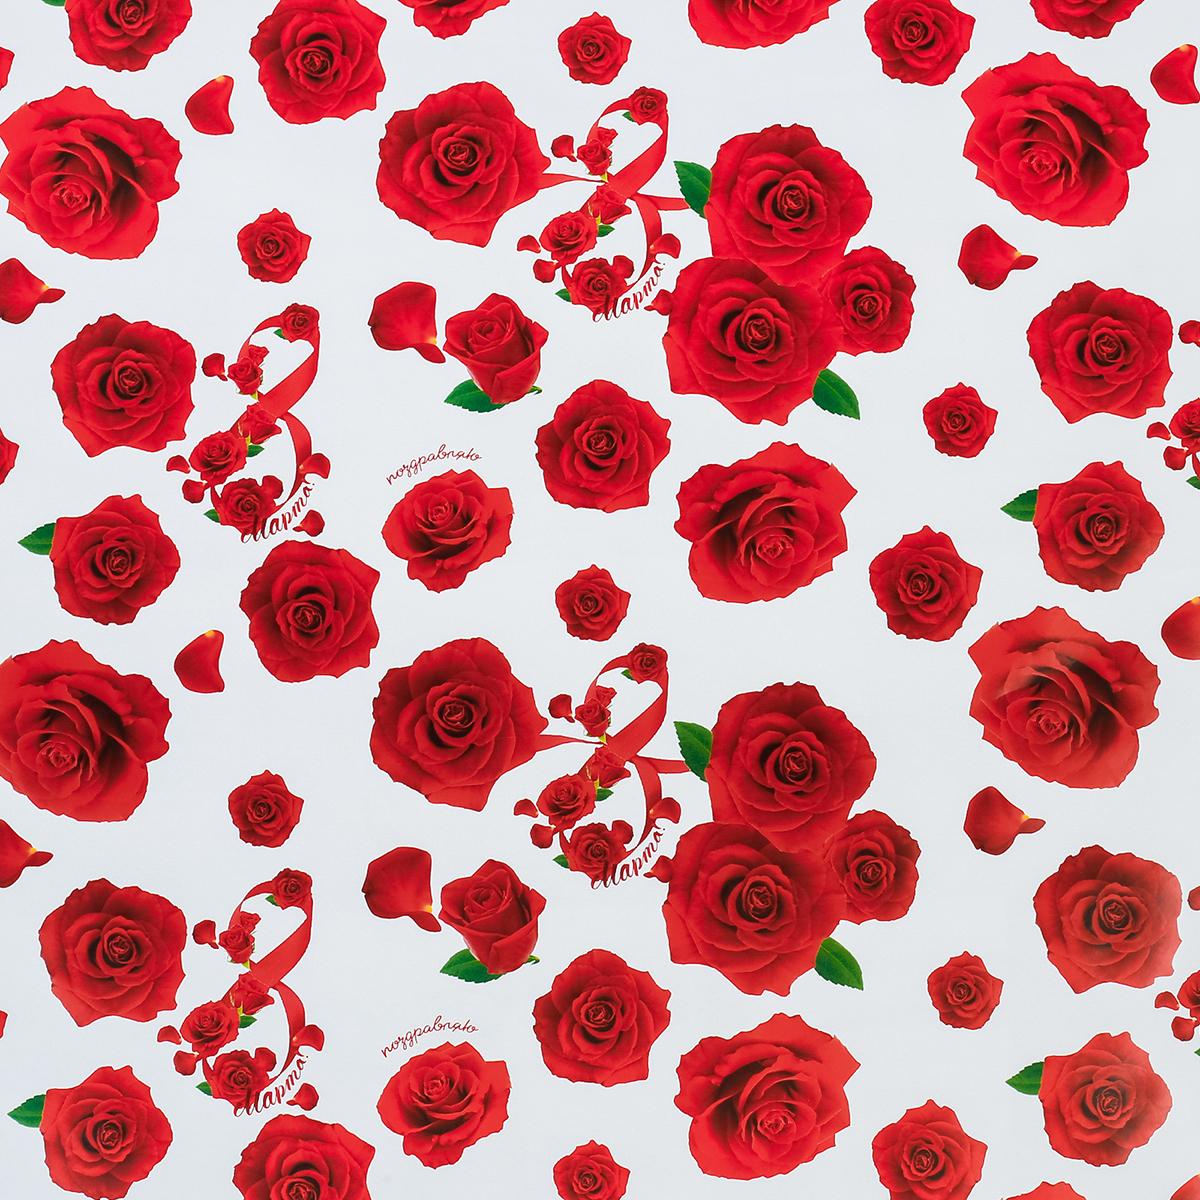 Бумага упаковочная Дарите счастье Розы, глянцевая, 70 х 100 см. 28873192887319Невозможно представить нашу жизнь без праздников! Мы всегда ждём их и предвкушаем, обдумываем, как проведём памятный день, тщательно выбираем подарки и аксессуары, ведь именно они создают и поддерживают торжественный настрой. Бумага упаковочная глянцевая Розы, 100х70 см — это отличный выбор, который привнесёт атмосферу праздника в ваш дом! Любой подарок начинается с упаковки. Что может быть трогательнее и волшебнее, чем ритуал разворачивания полученного презента. И именно оригинальная, со вкусом выбранная упаковка выделит ваш подарок из массы других. Она продемонстрирует самые тёплые чувства к виновнику торжества и создаст сказочную атмосферу праздника. Бумага упаковочная глянцевая Розы, 100х70 см — это то, что вы искали.